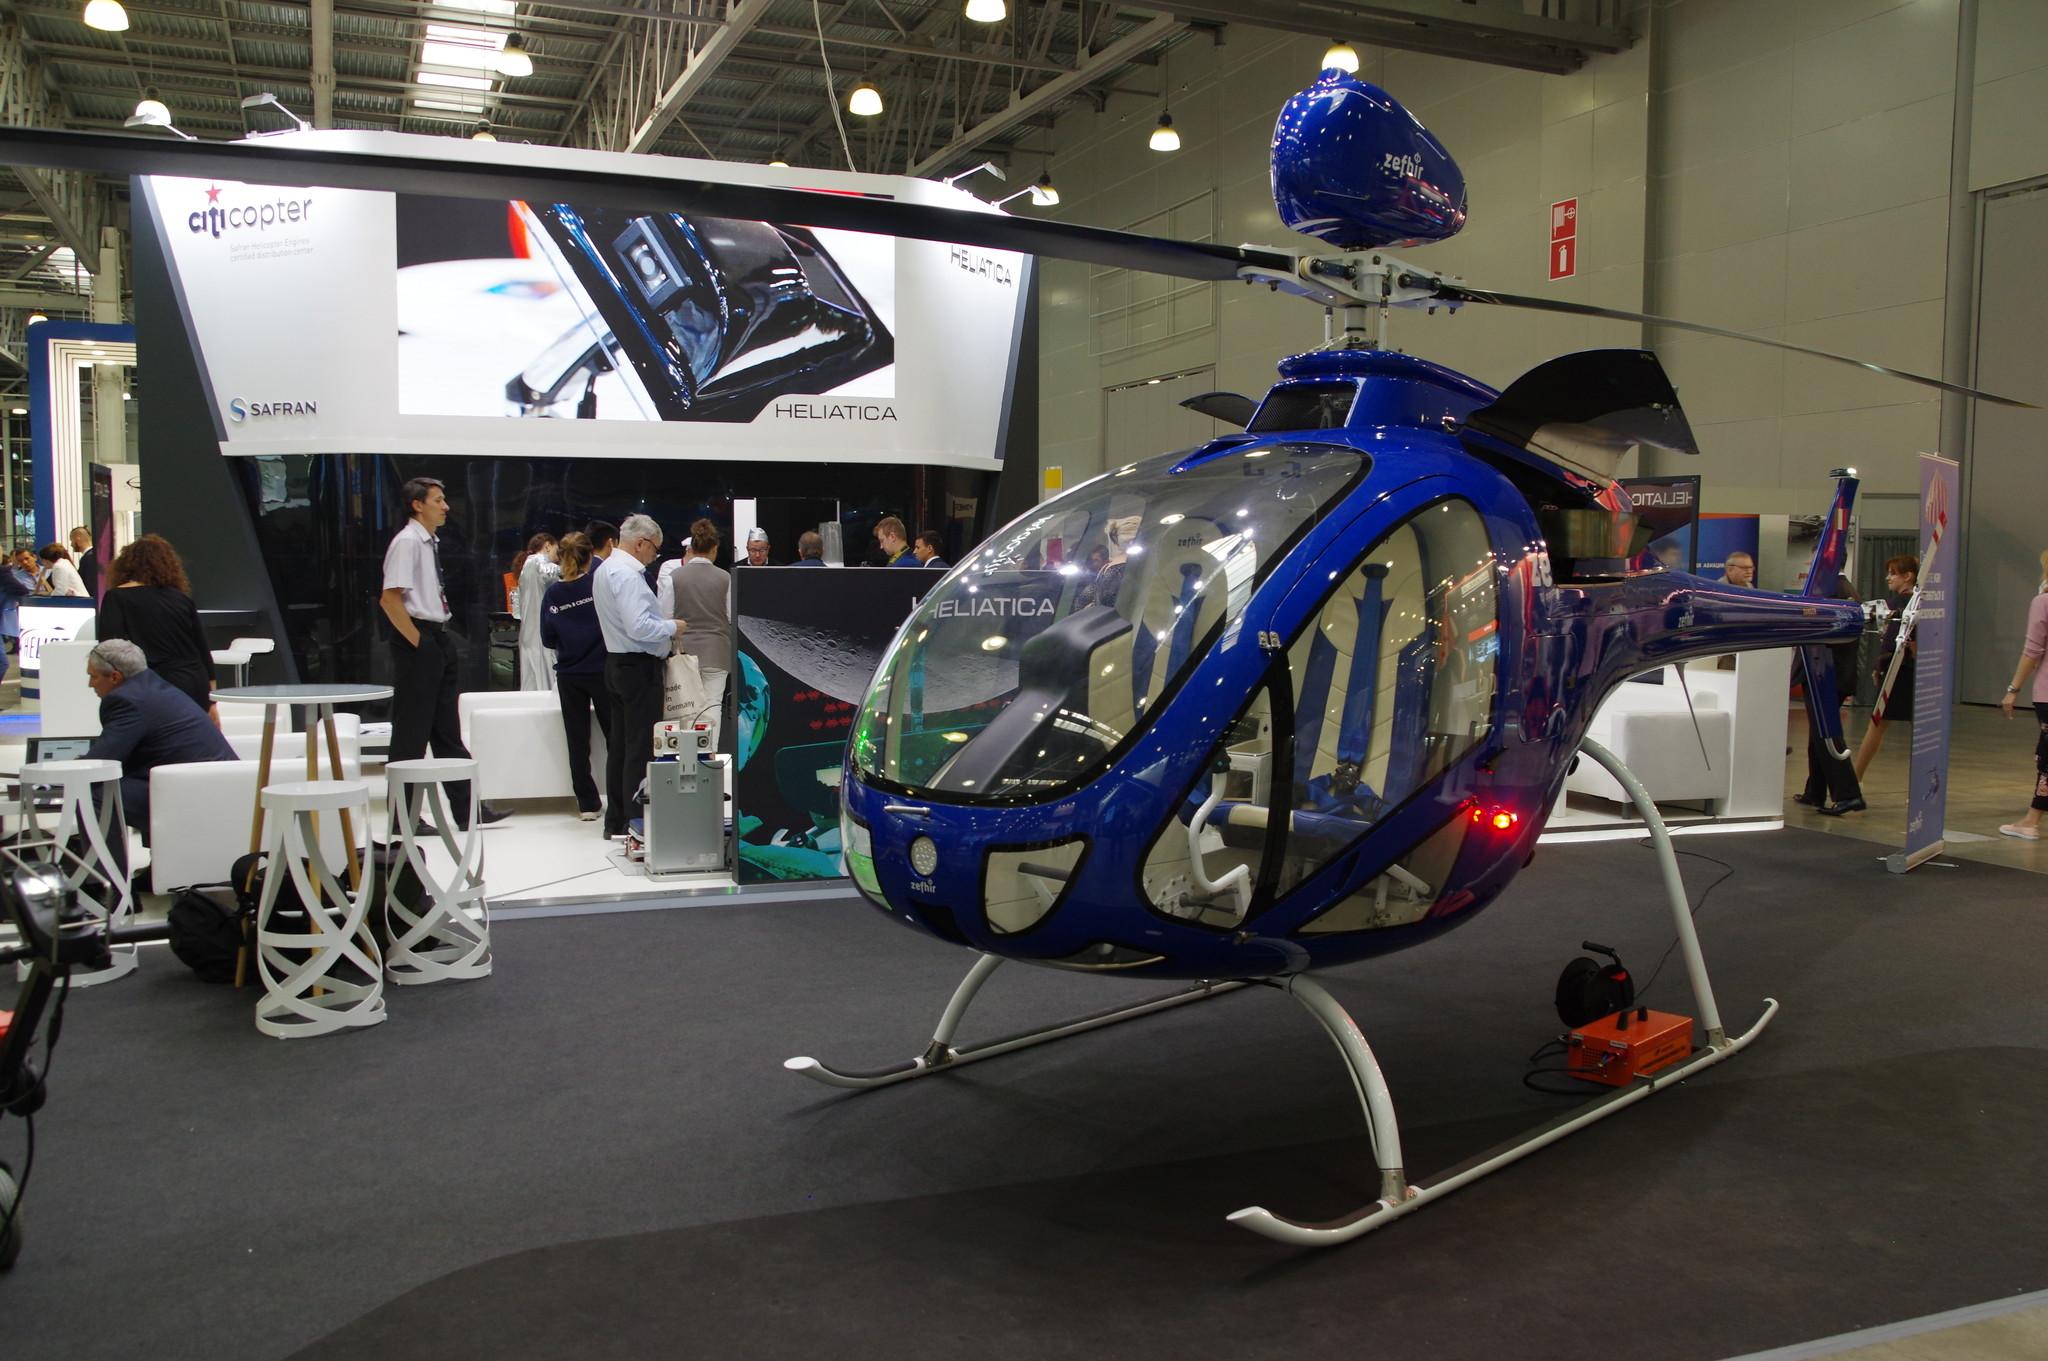 Итальянский вертолёт Zefhir